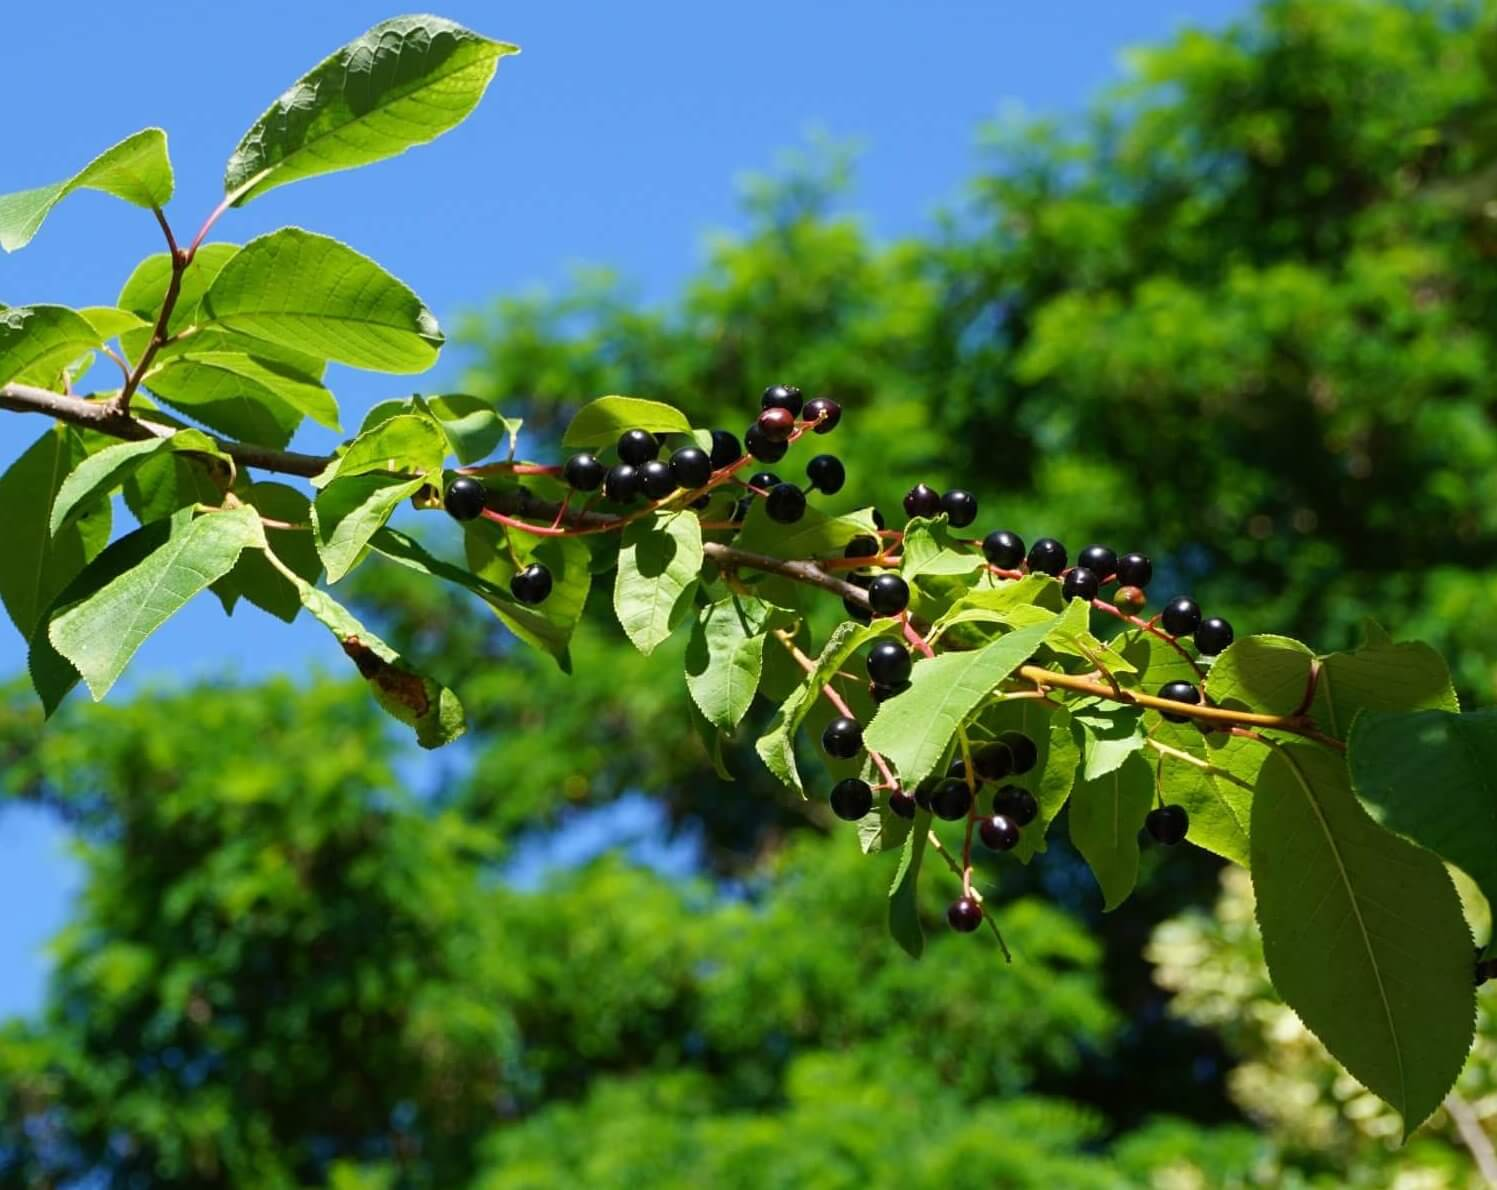 Das Bild zeigt die glänzenden schwarzen Steinfrüchte (Kirschen) an den Fruchttrauben einer Gewöhnlichen Traubenkirsche im Juni.